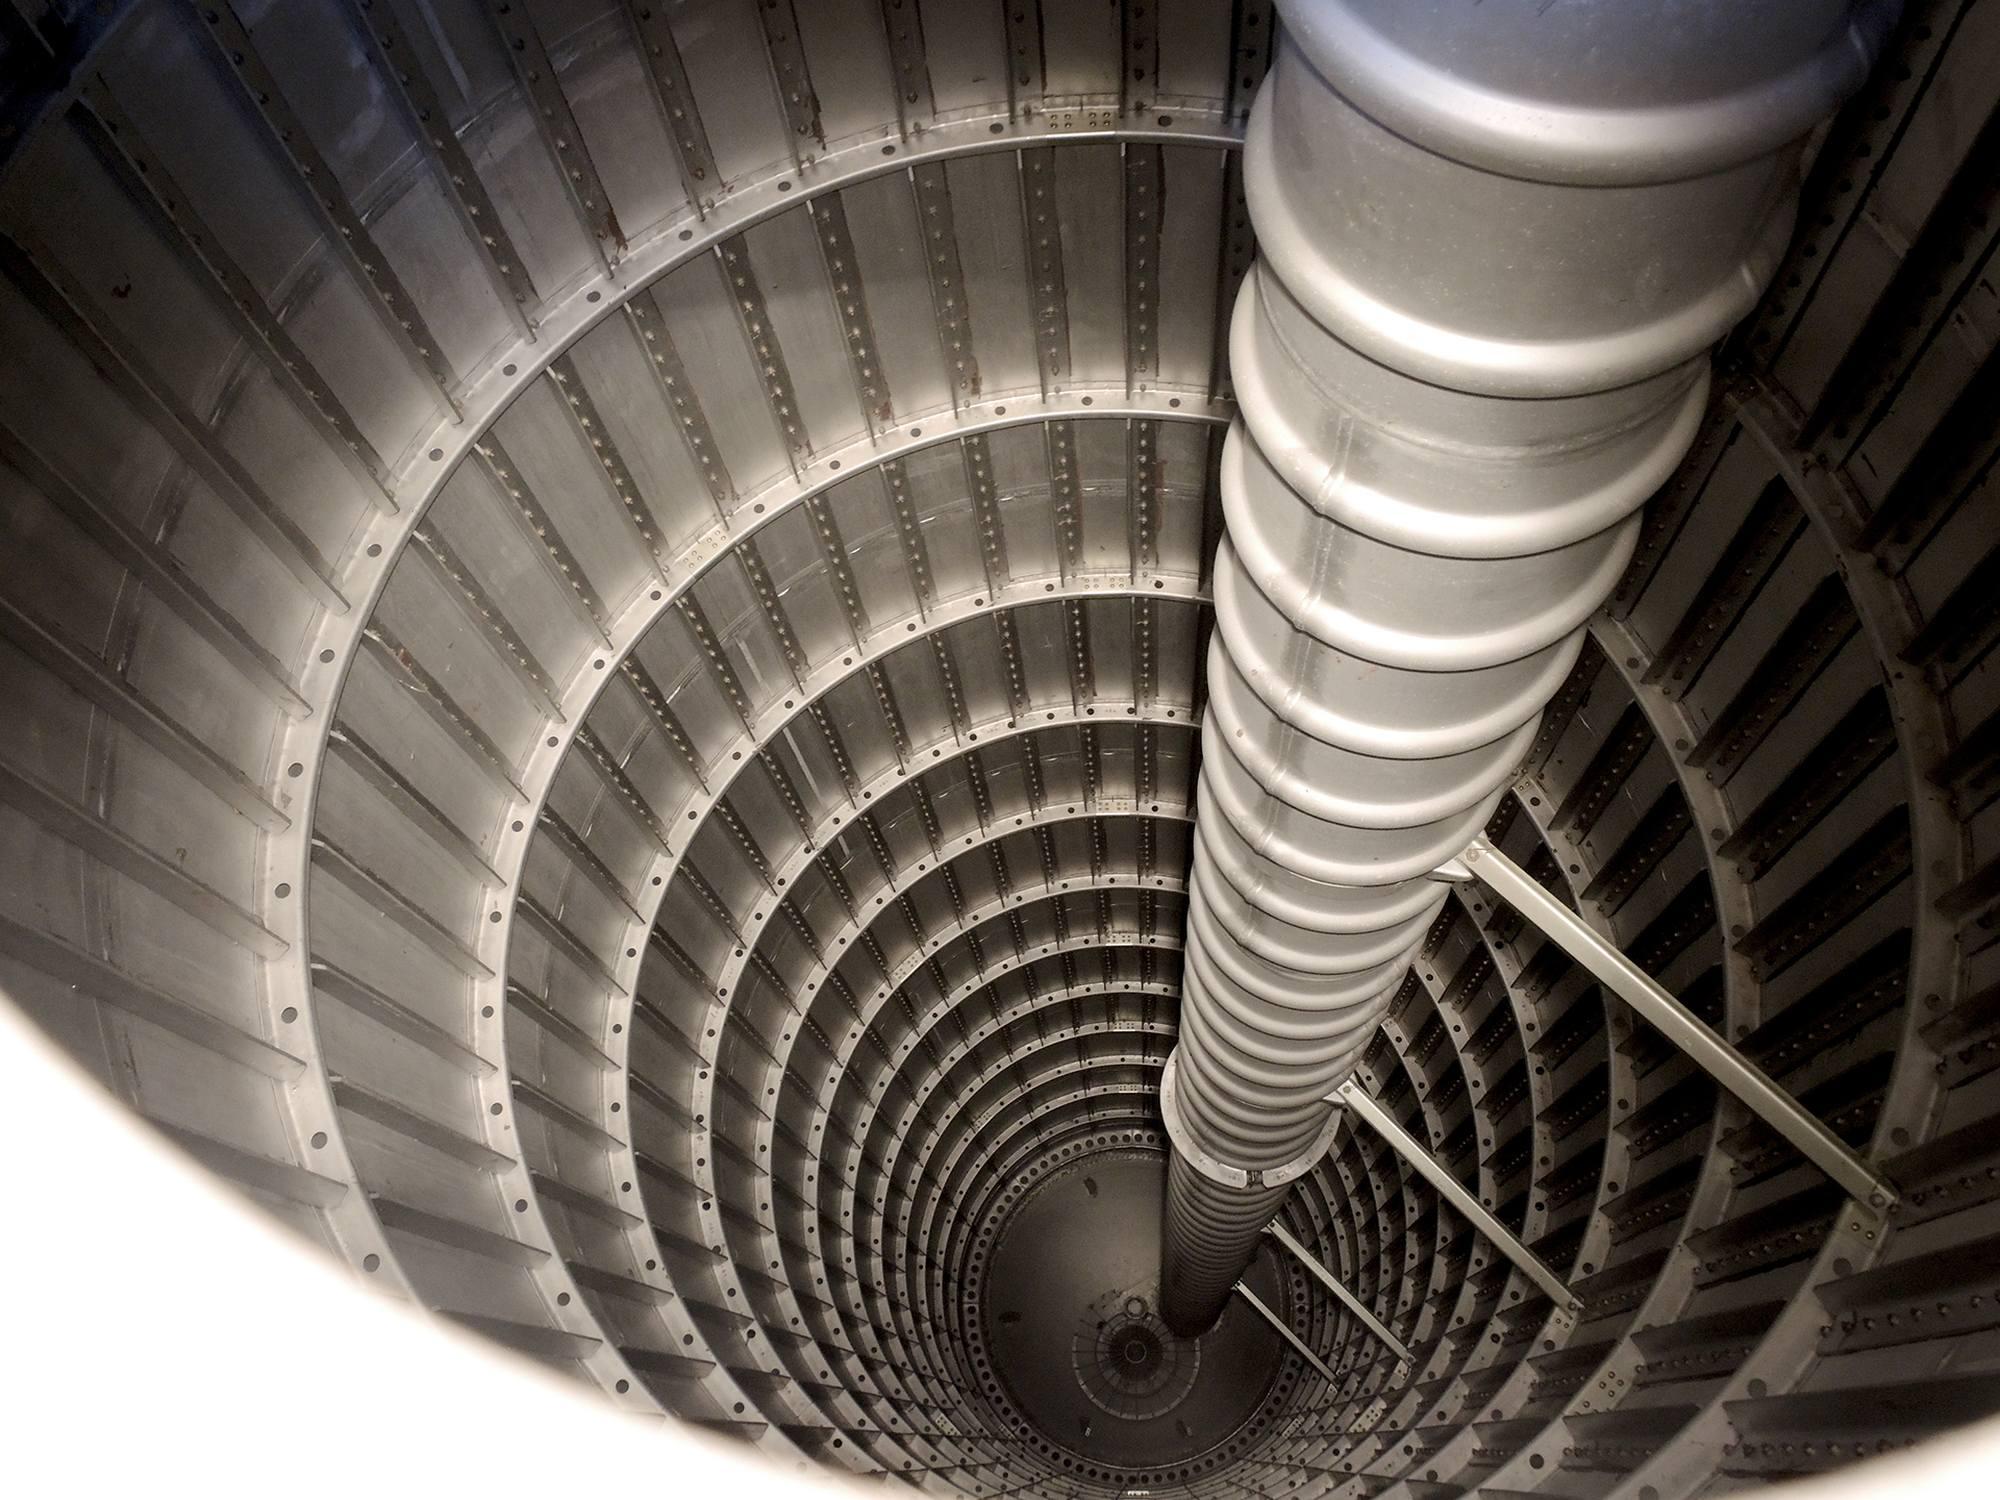 L'intérieur du réservoir d'oxygène liquide avec la canalisation centrale conduisant le kérosène.